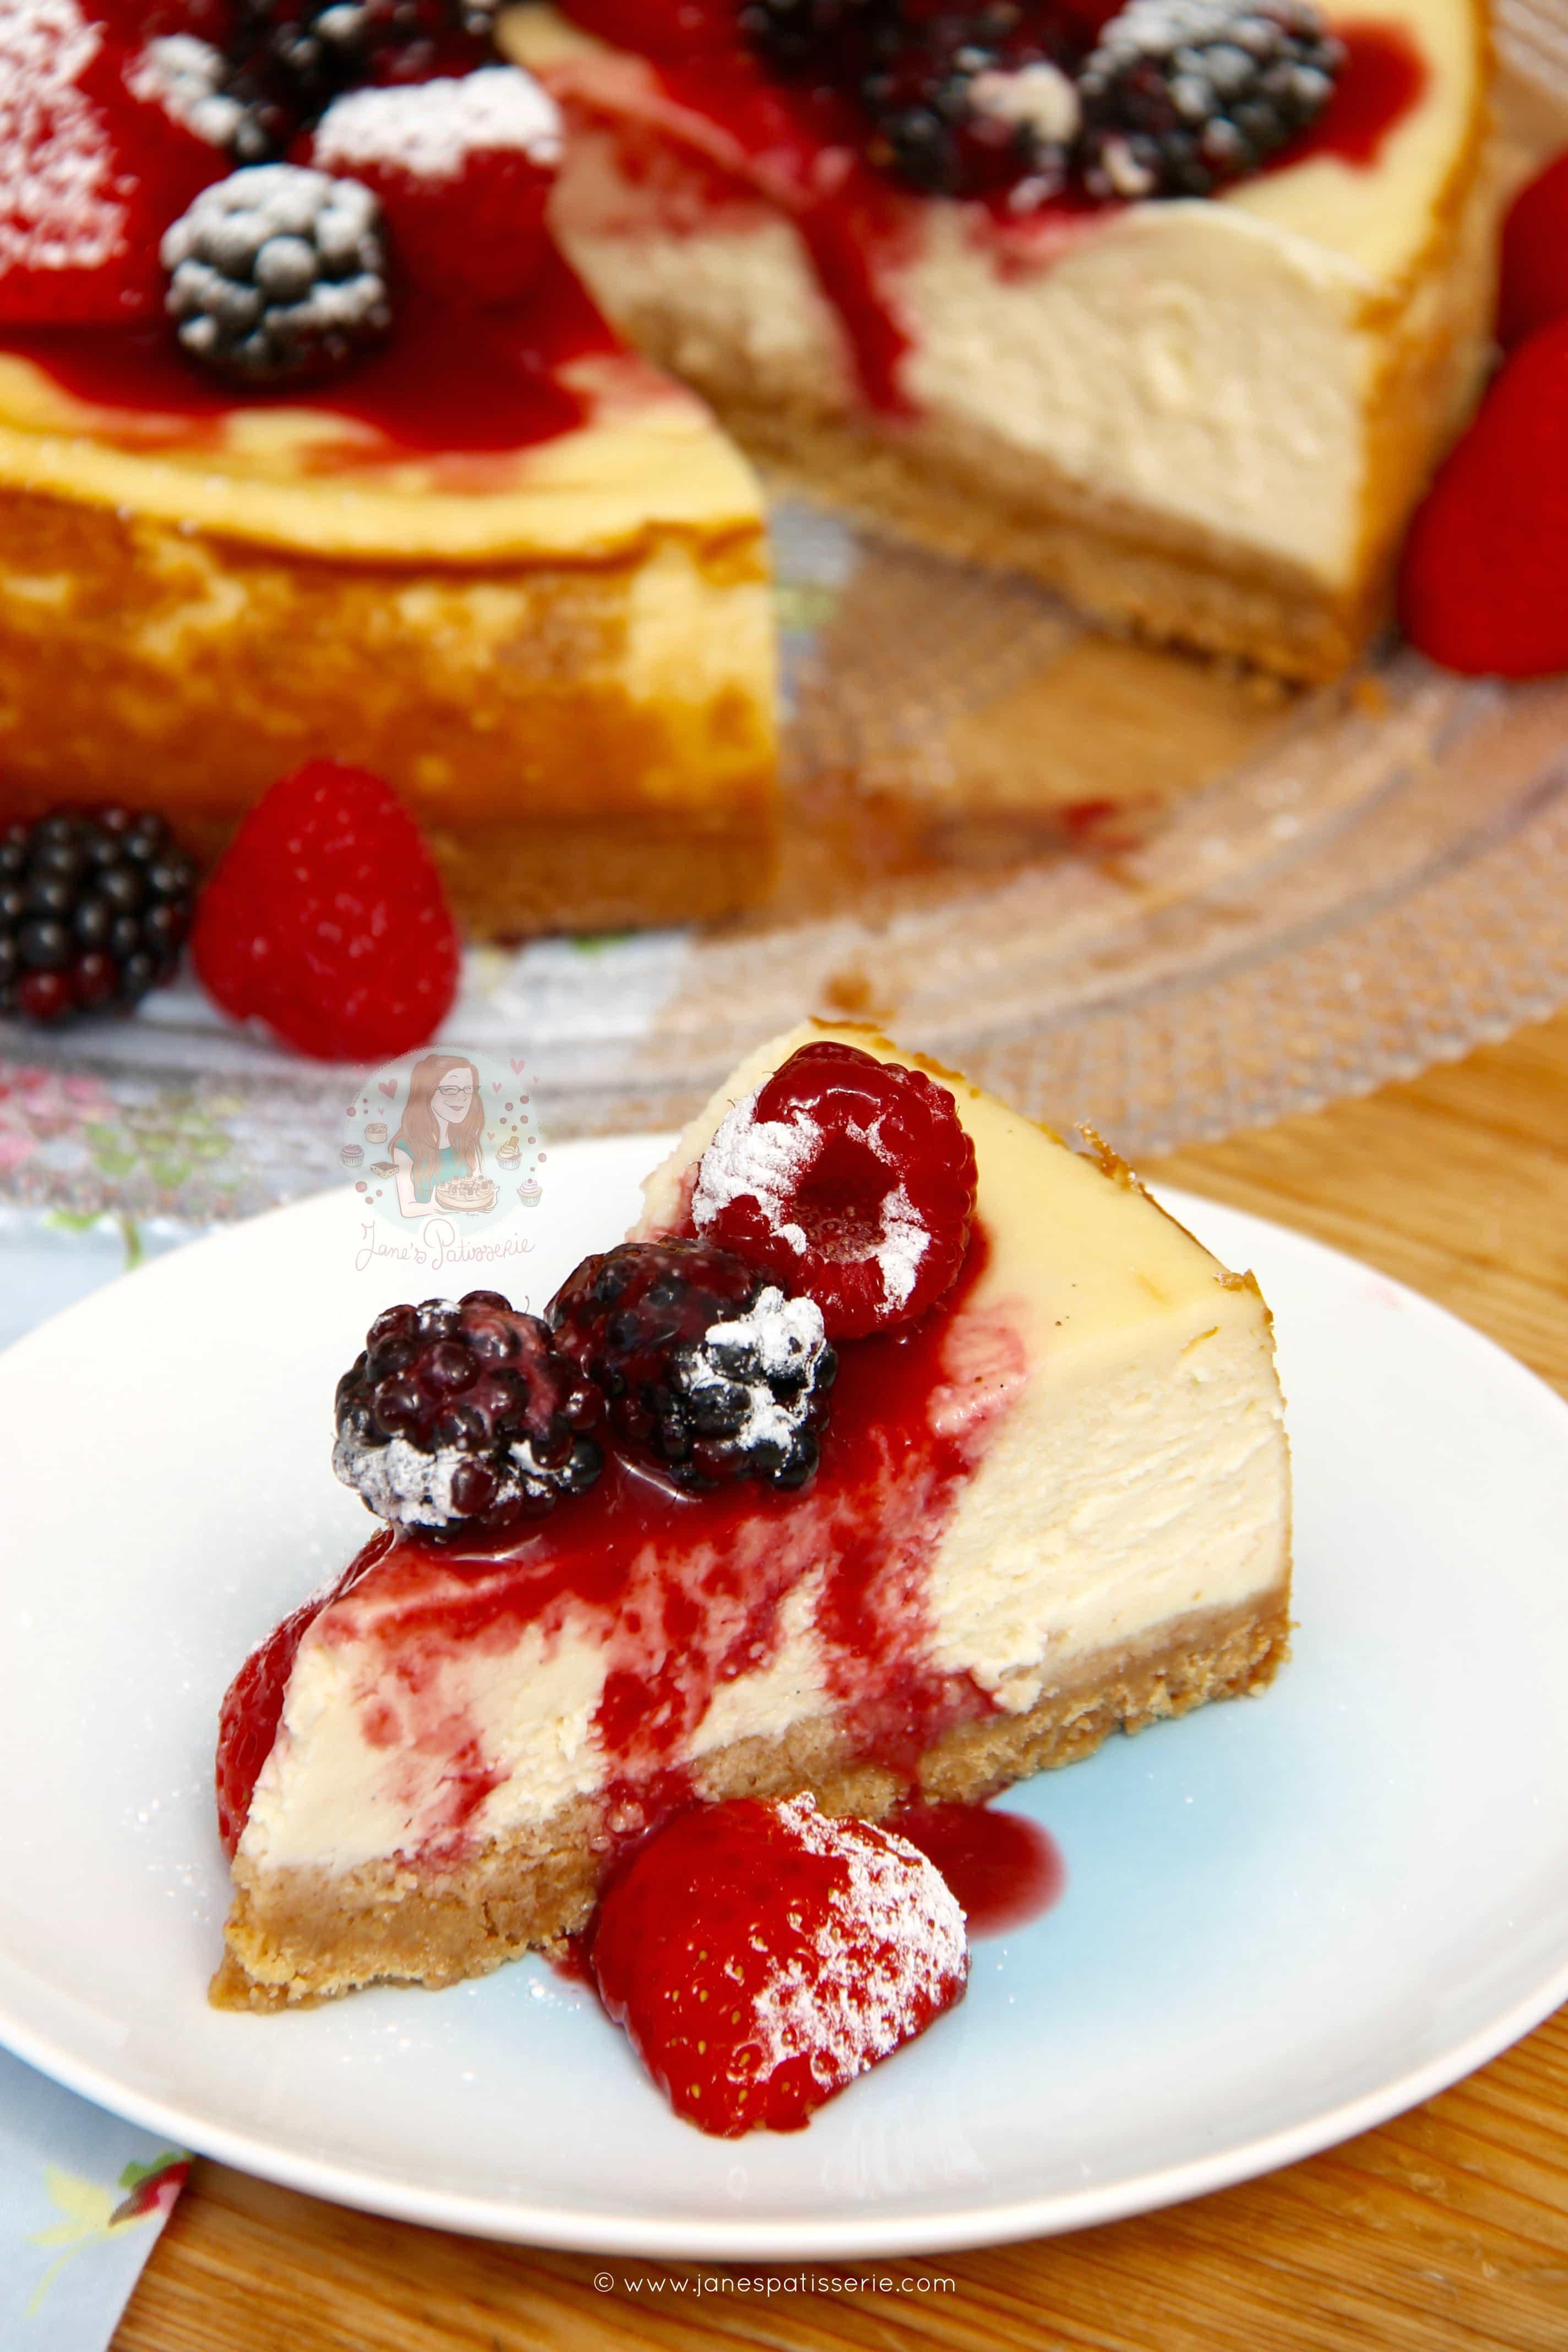 New York Cheesecake! - Jane's Patisserie